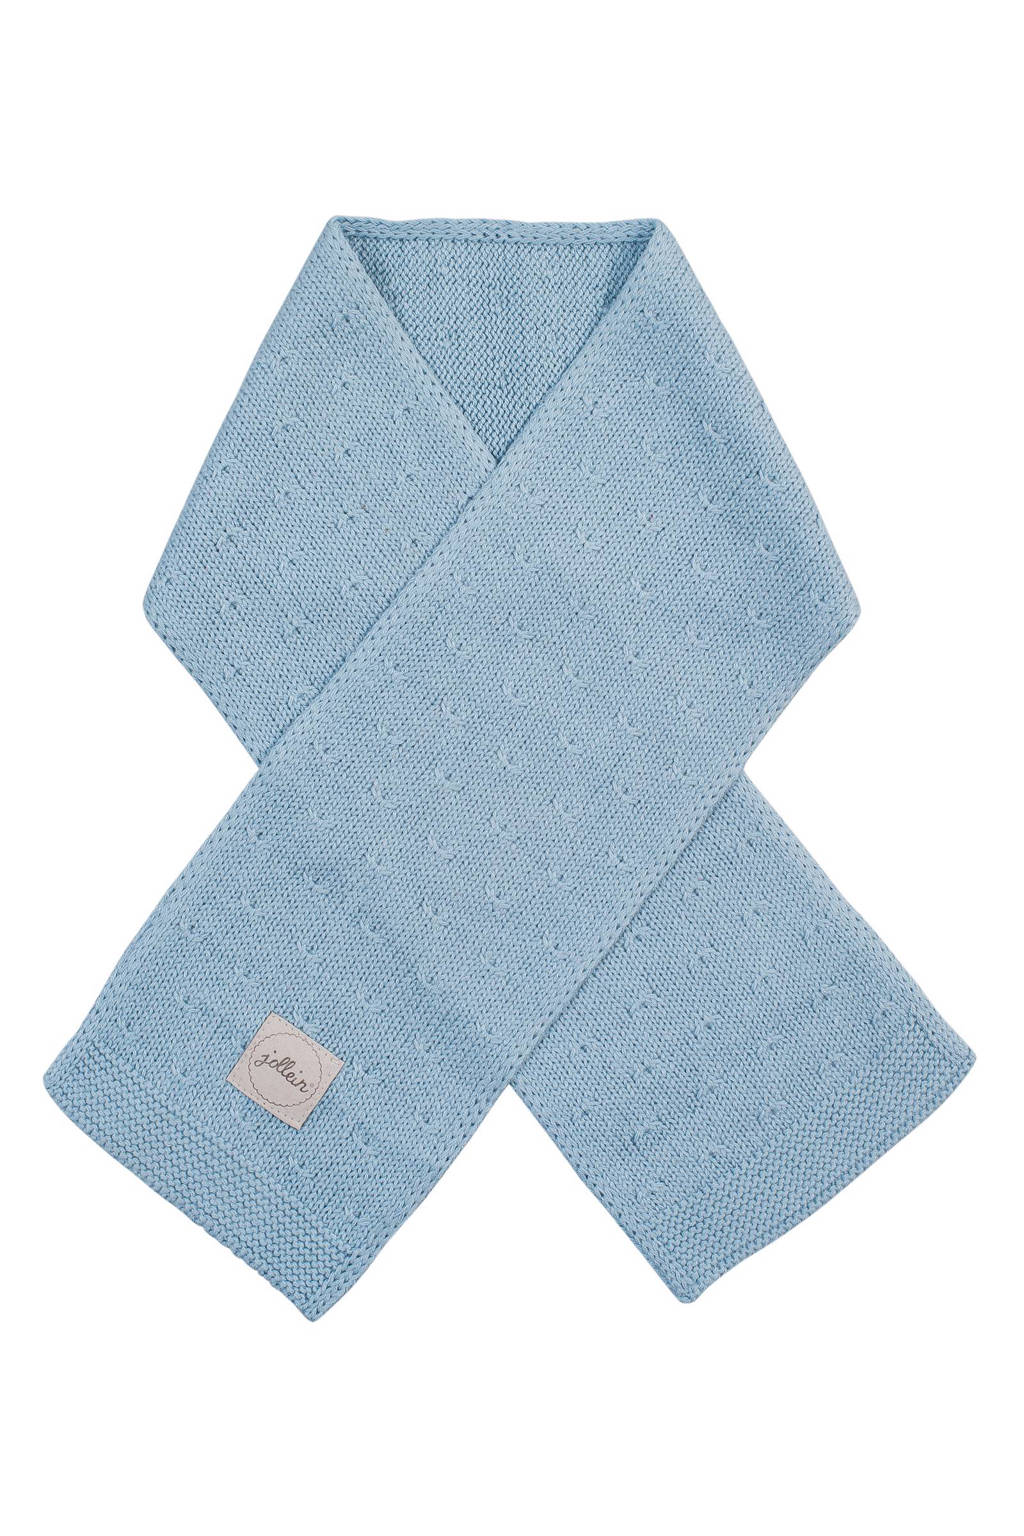 Jollein soft knit sjaal soft blue